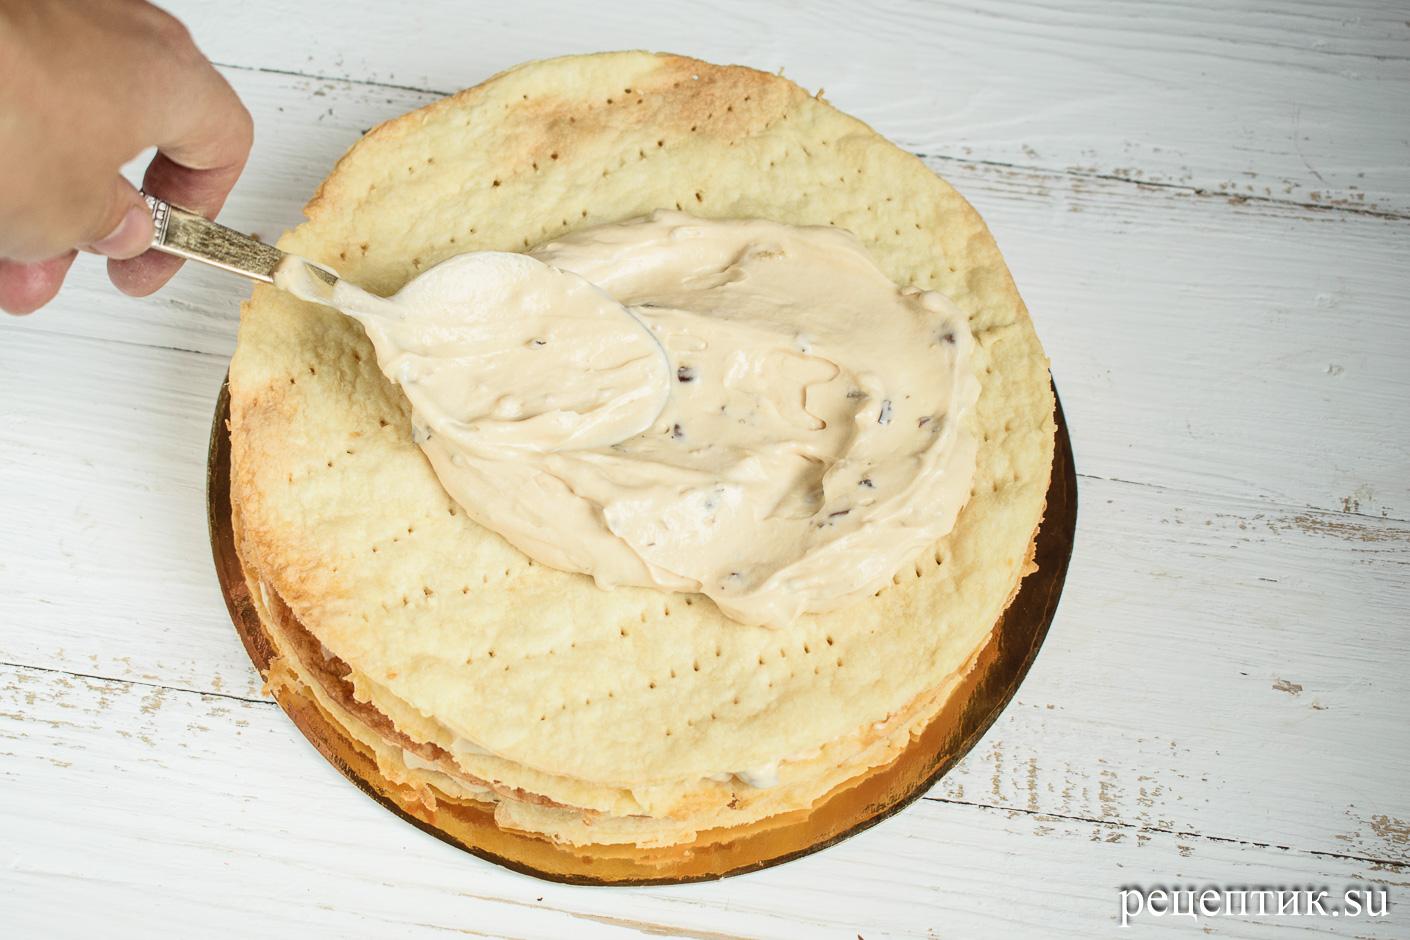 Карамельно-ореховый наполеон со сметанным кремом - рецепт с фото, шаг 23